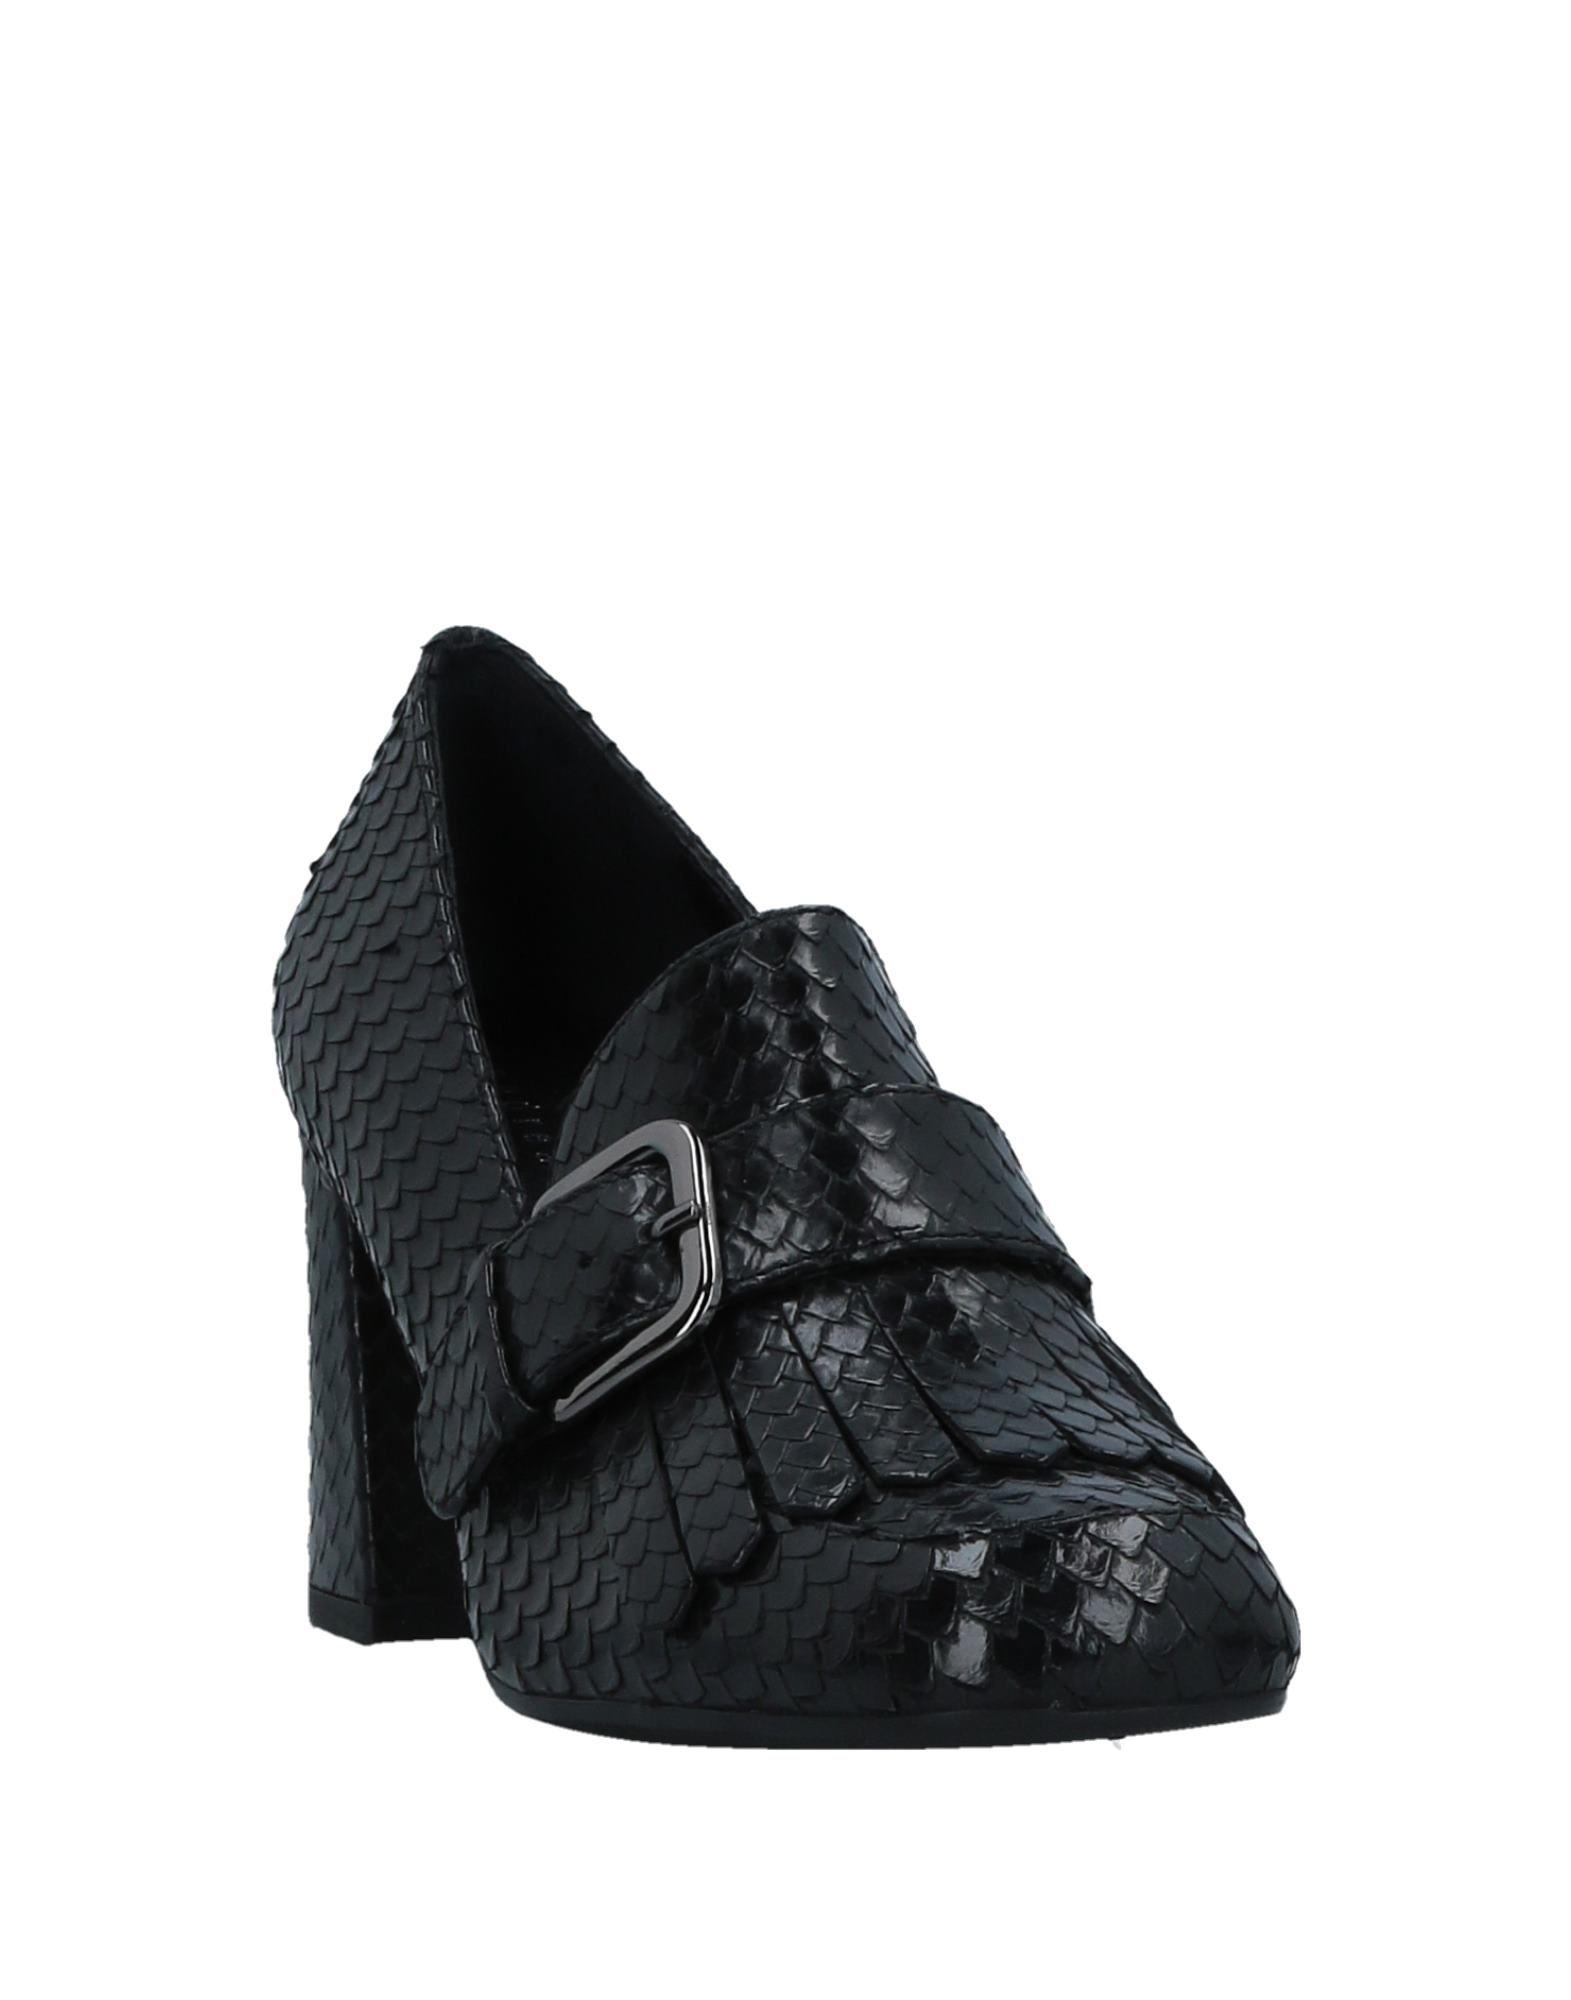 Andrea Puccini Gute Mokassins Damen  11521794SQ Gute Puccini Qualität beliebte Schuhe cc094f